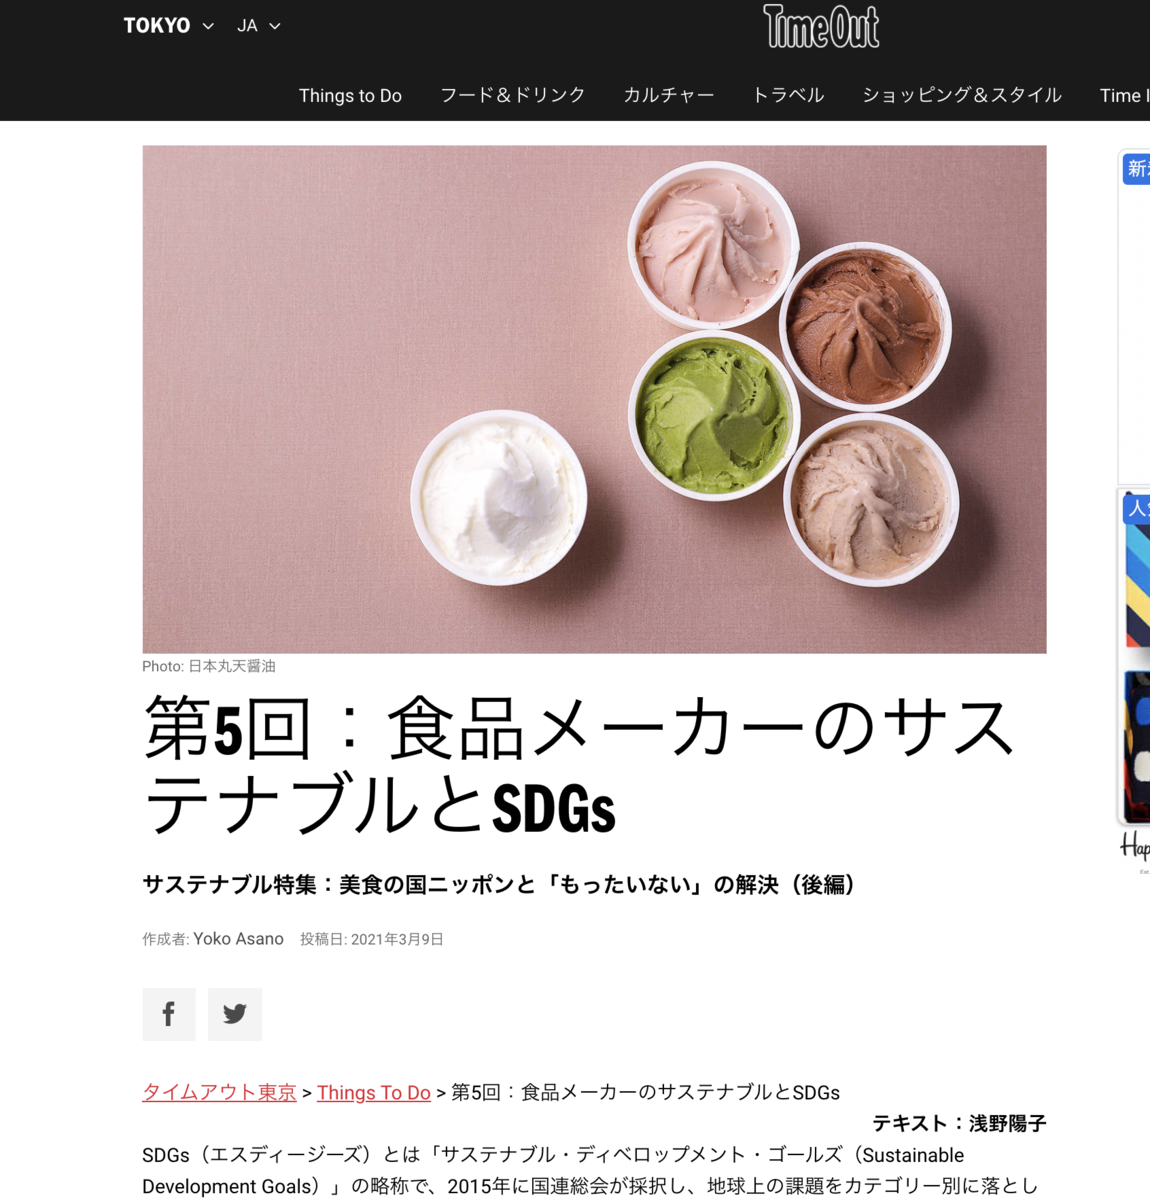 タイムアウト 食品ロス サステナブル 日本丸天醤油